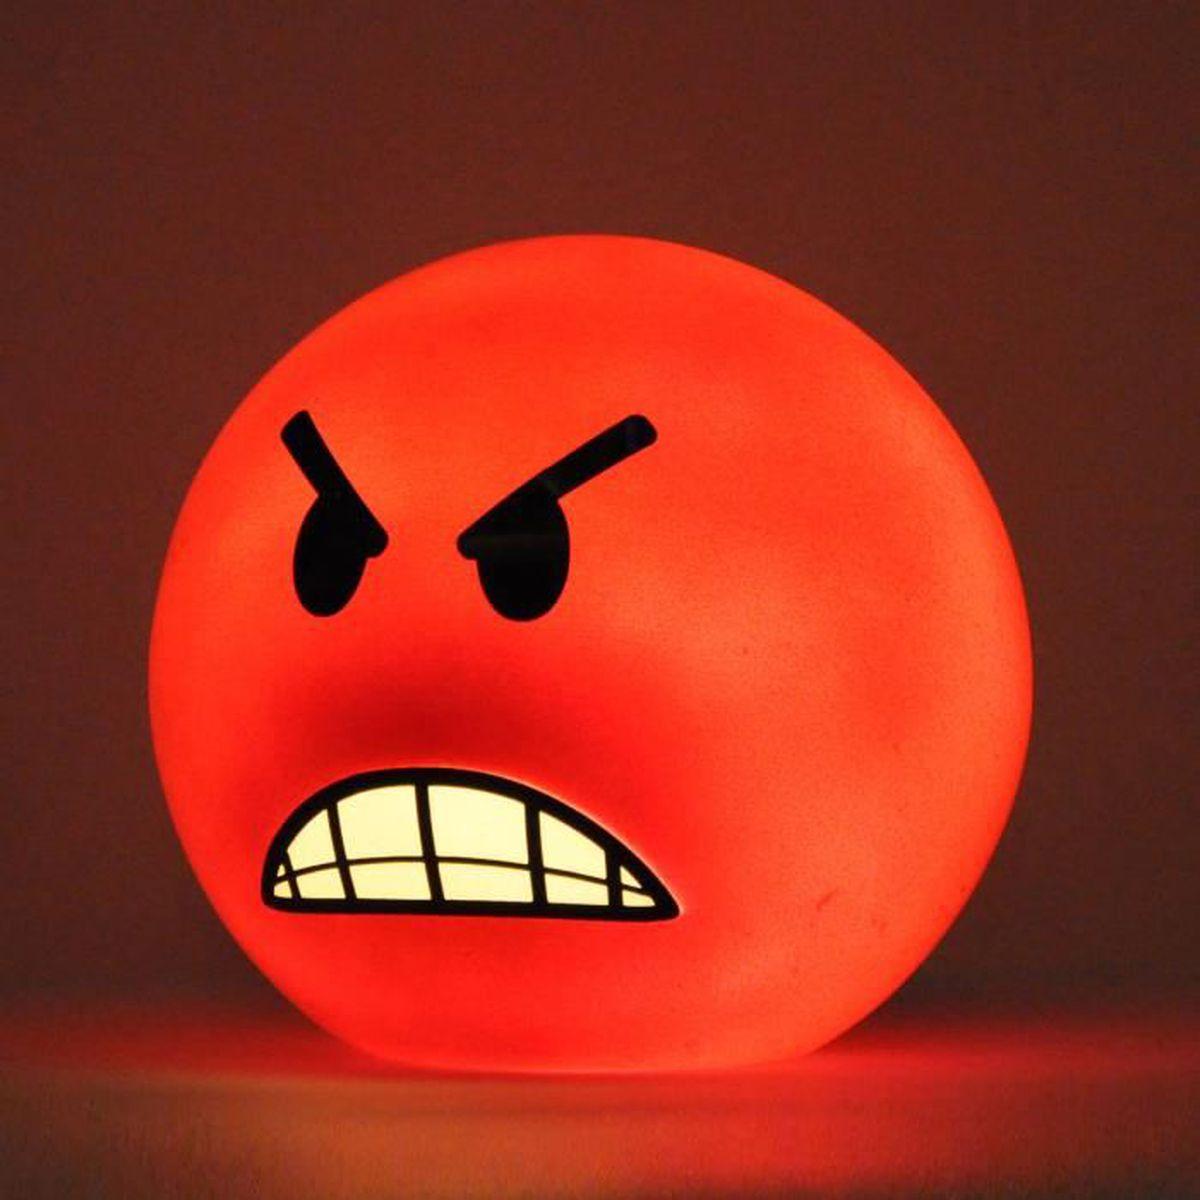 Lampe Emoticon En Colère Achat Vente Lampe Emoticon